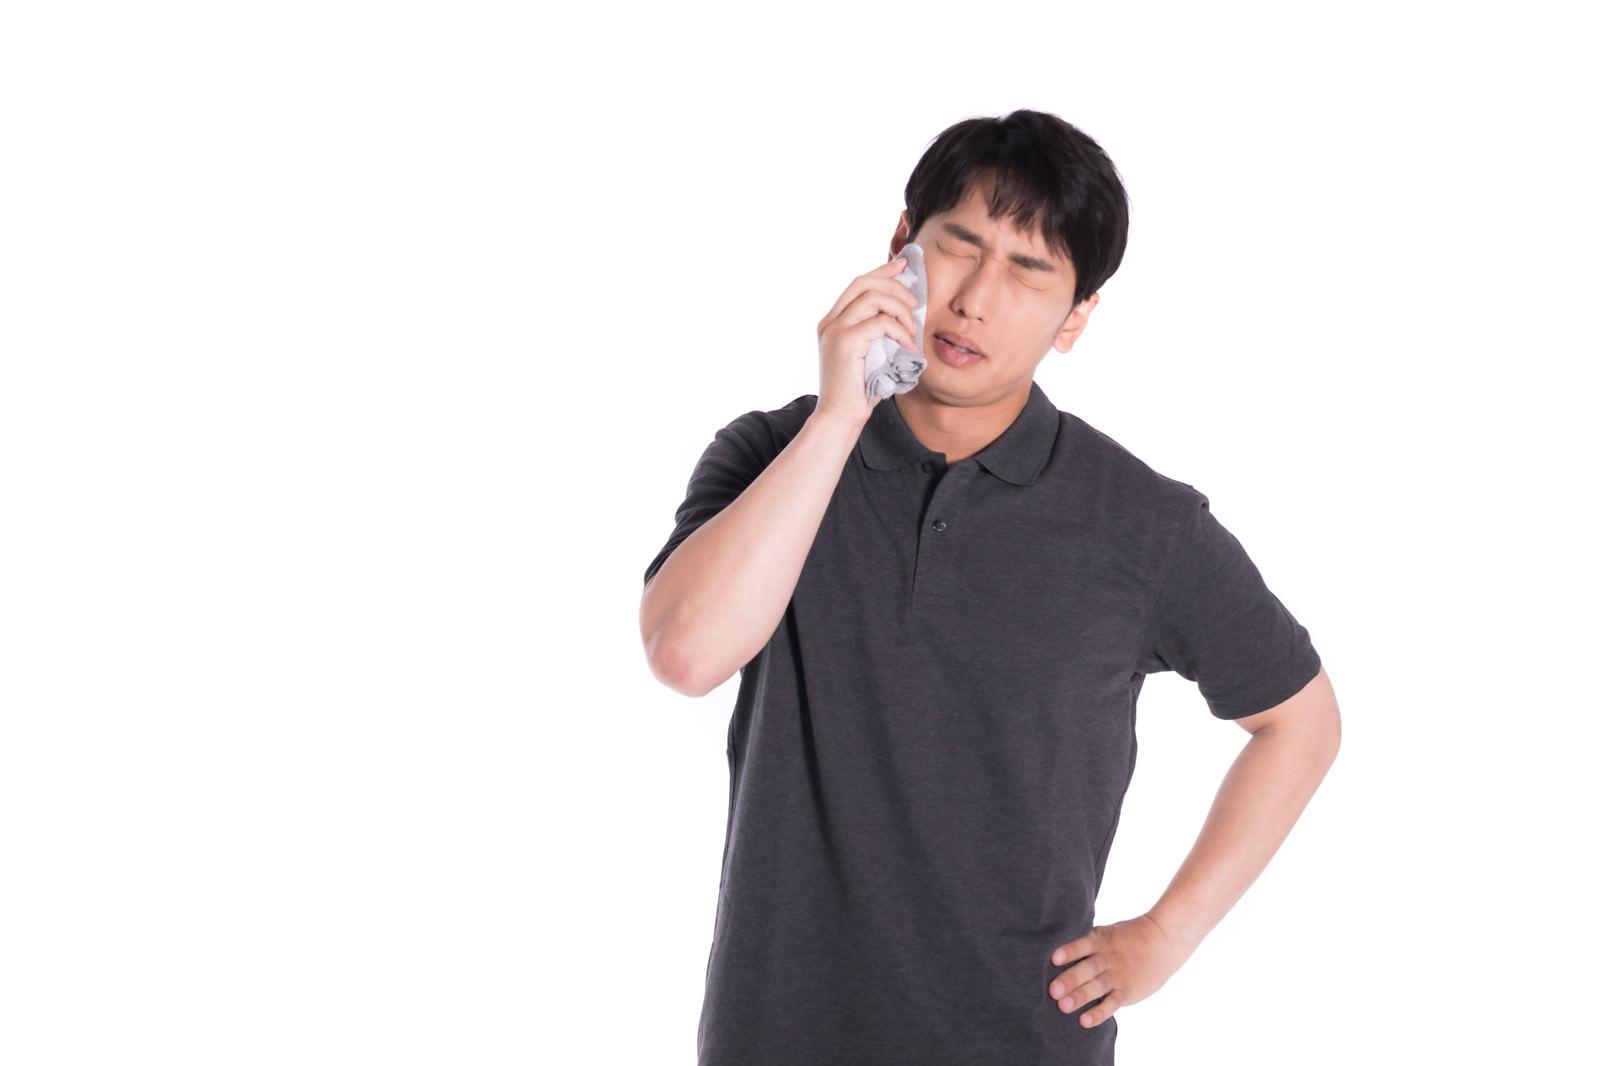 「緊張して汗がとまらない男性」の写真[モデル:大川竜弥]